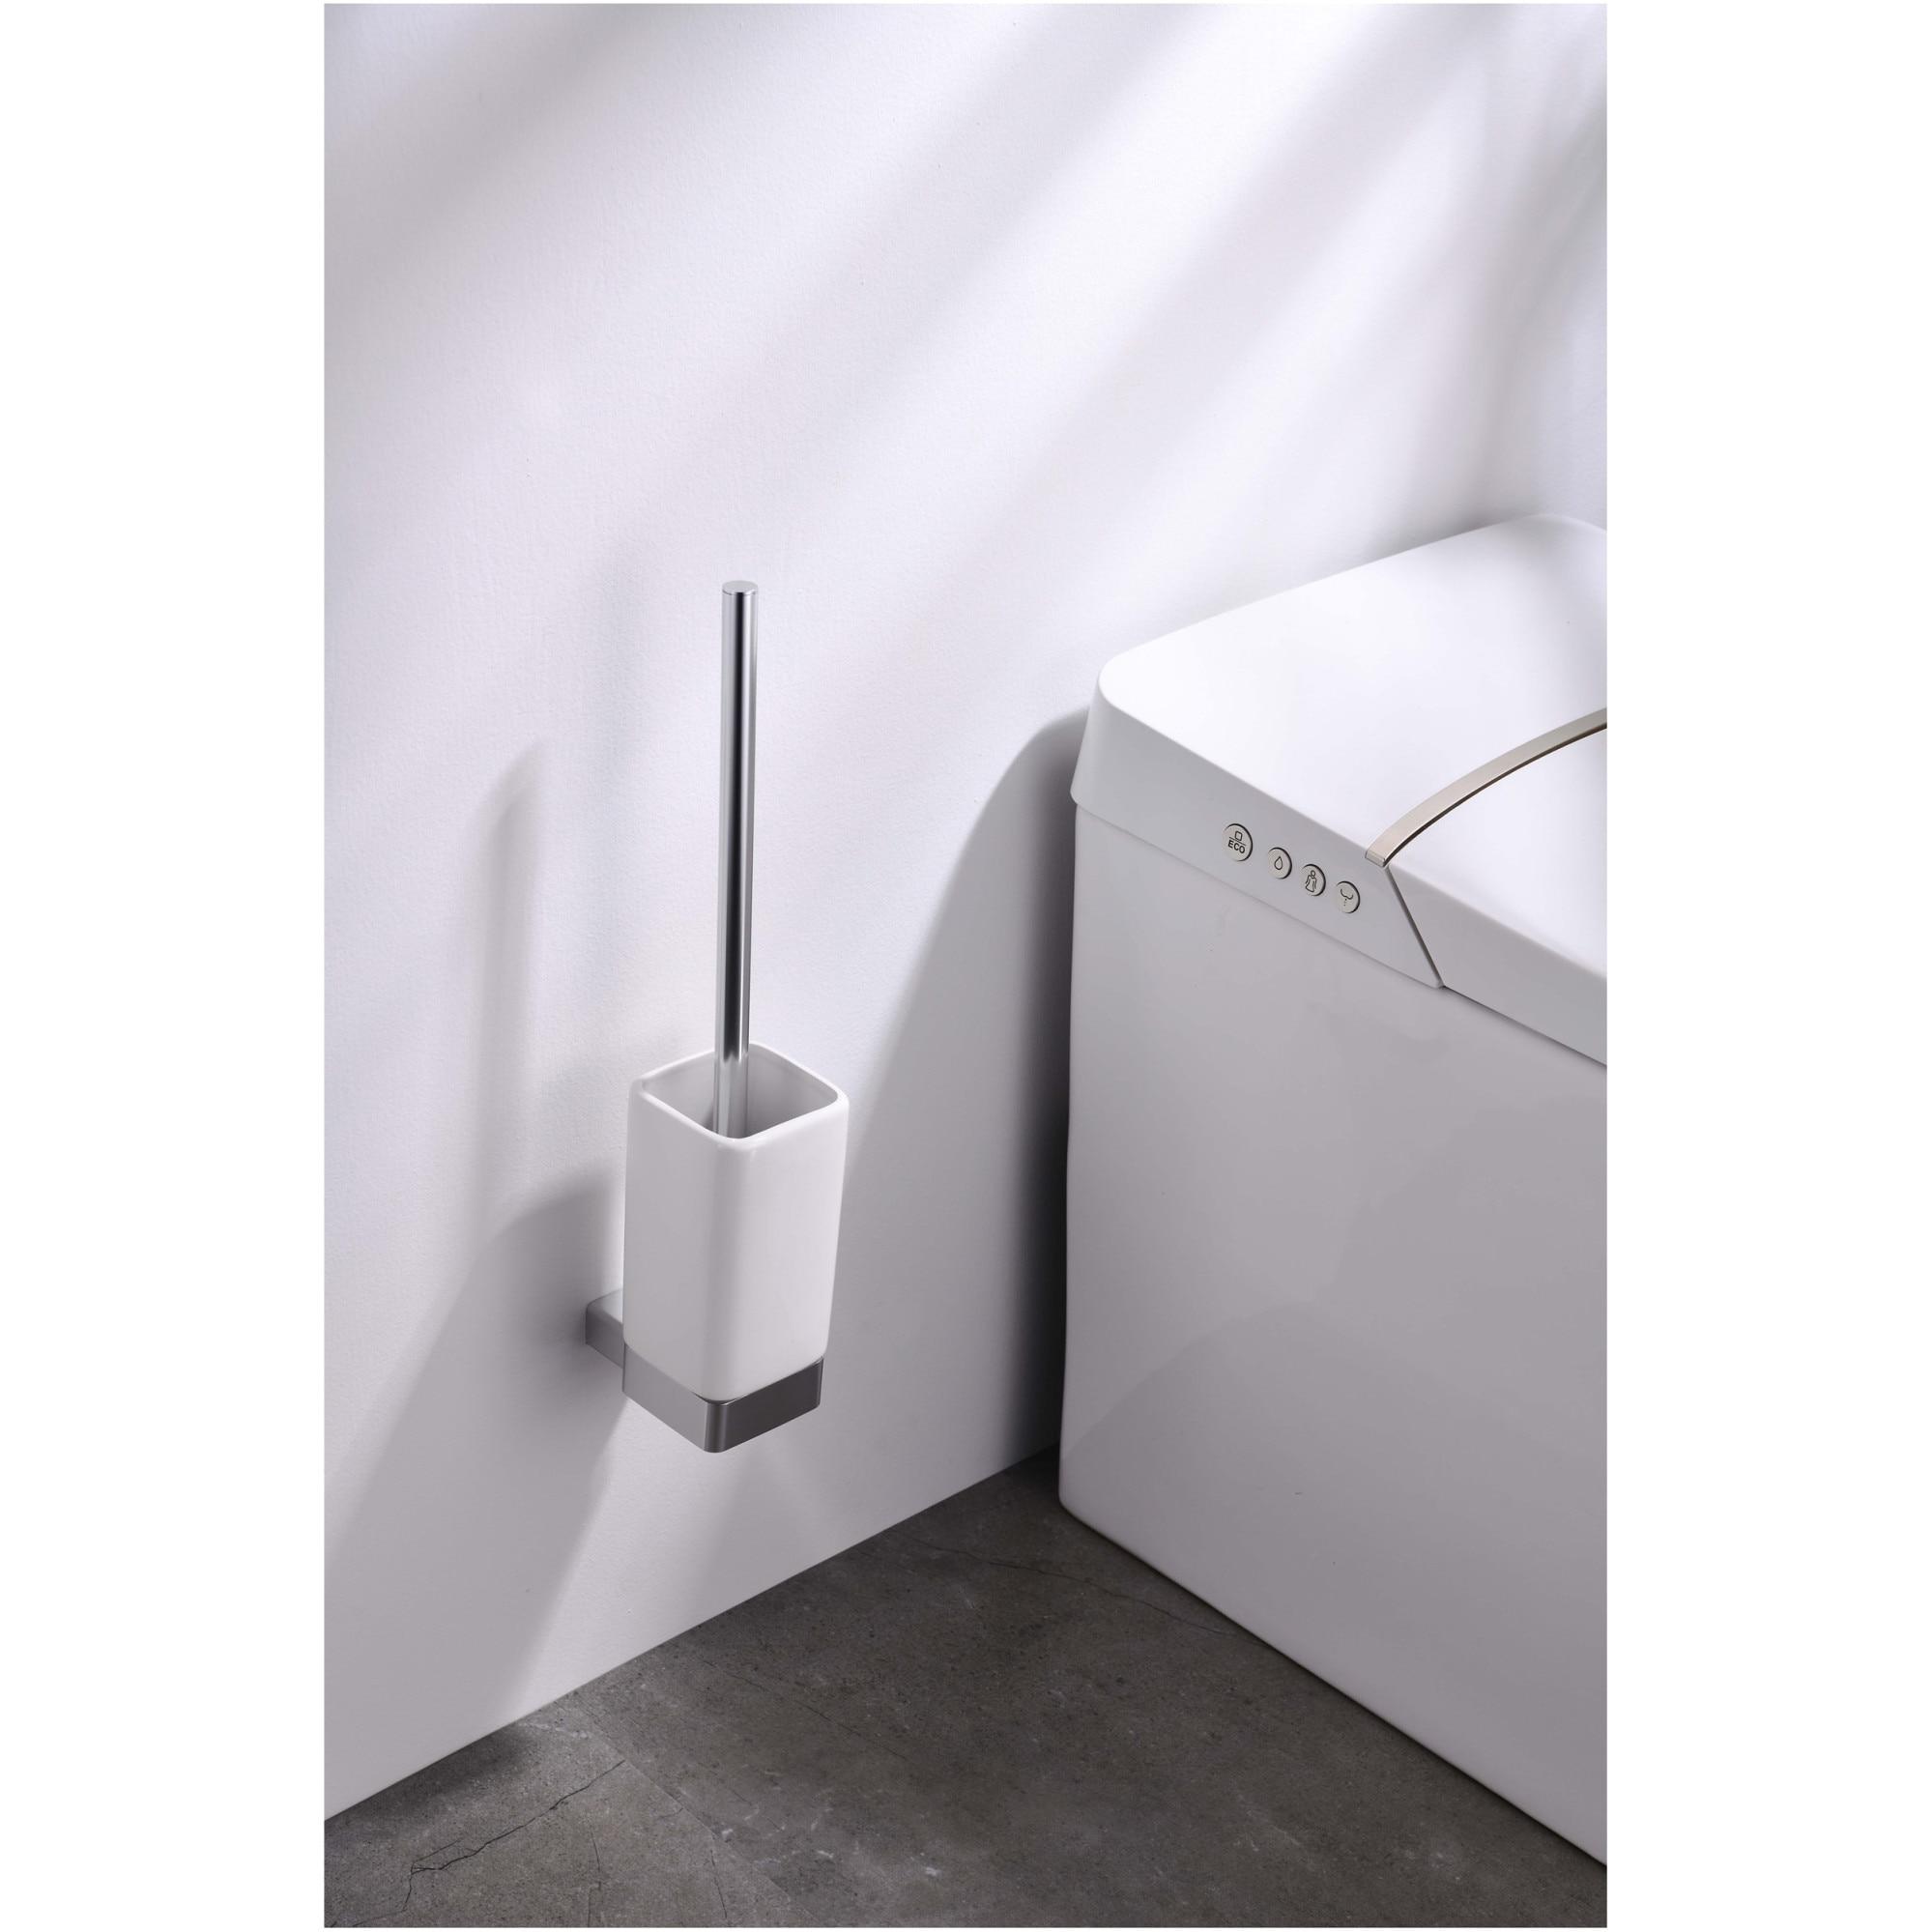 Fotografie Suport perie WC Aquasanit LEAF, crom lucios, include peria WC cu maner crom lucios si bazinul pentru perie, montaj cu dibluri si suruburi